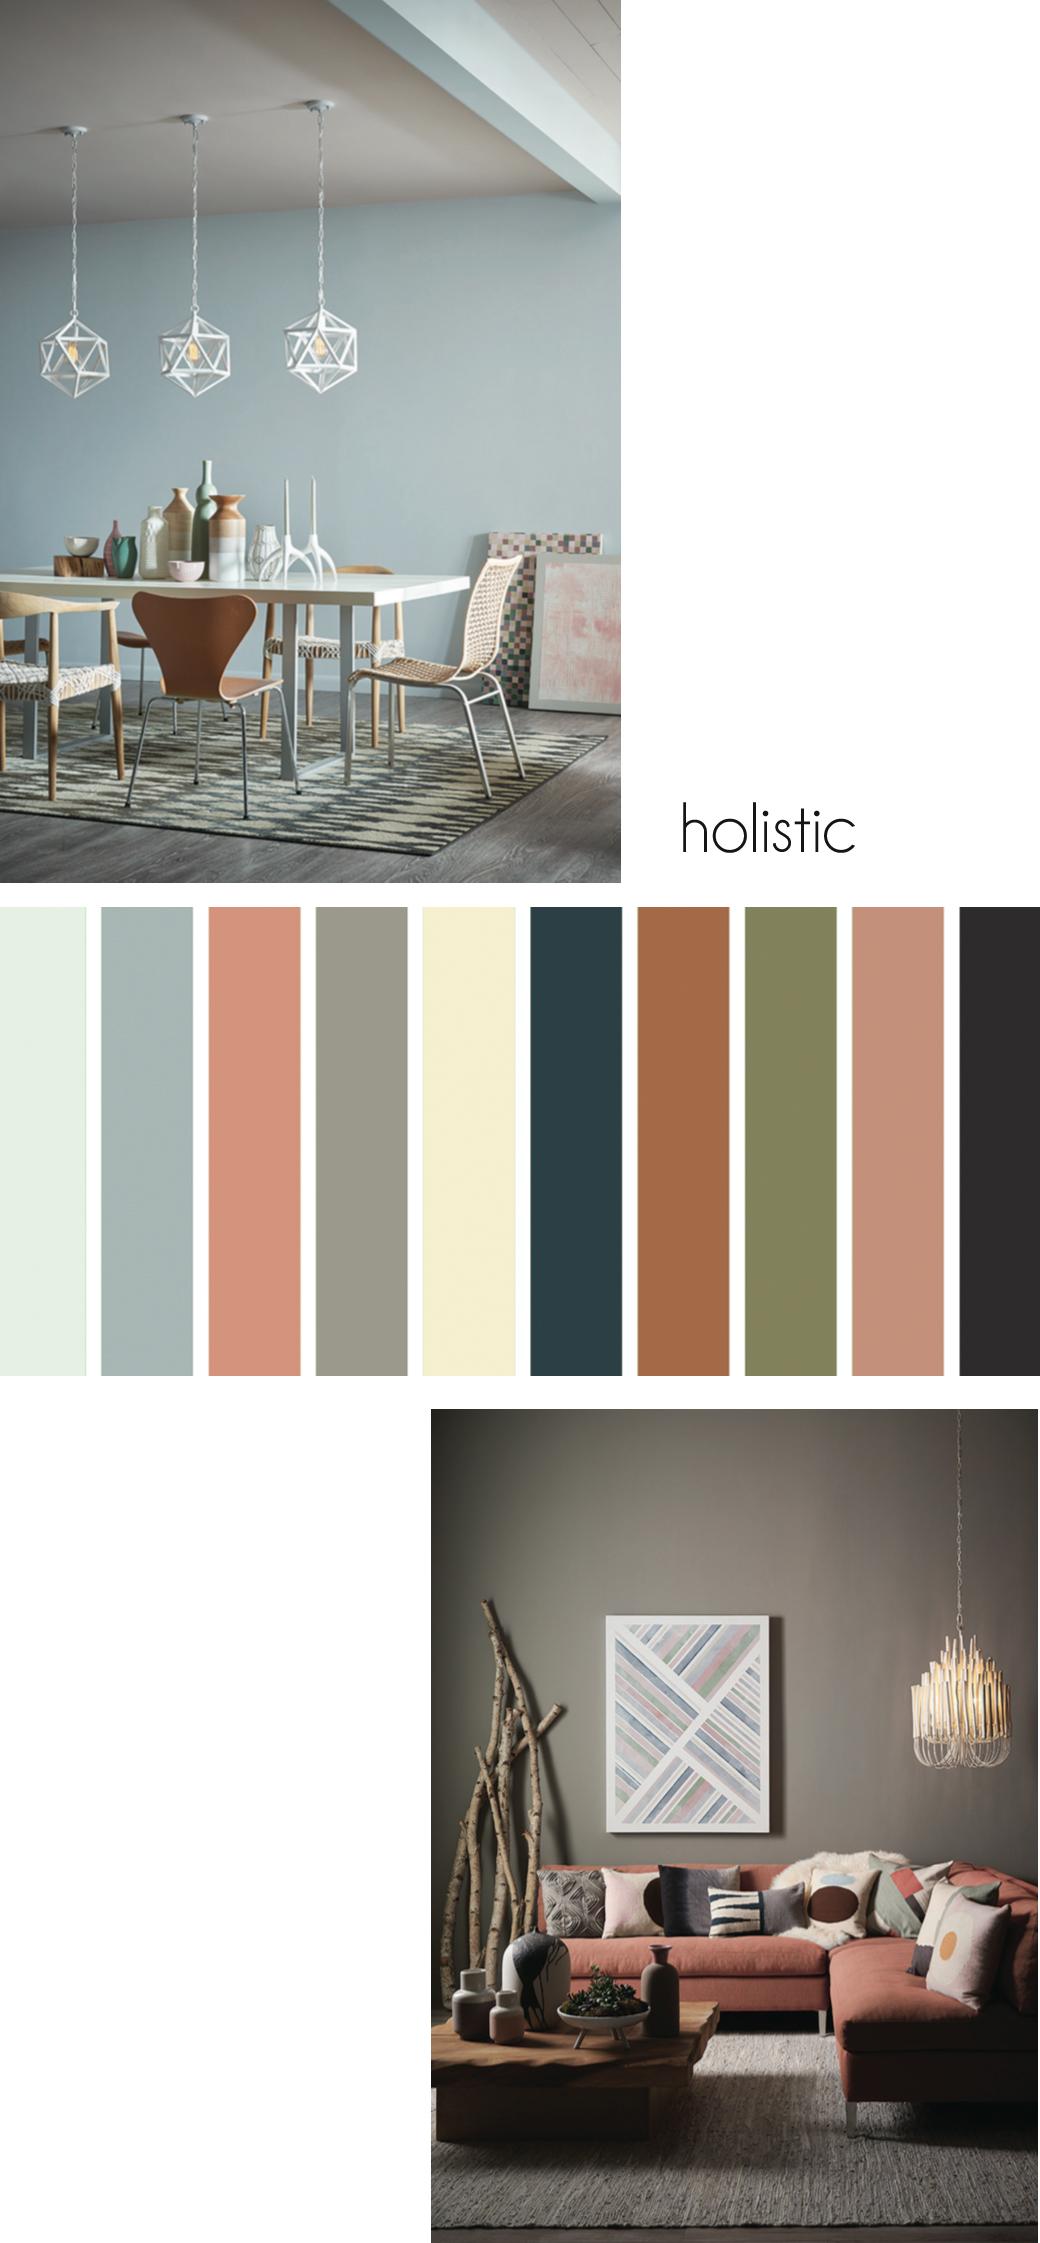 holistic_colors.jpg